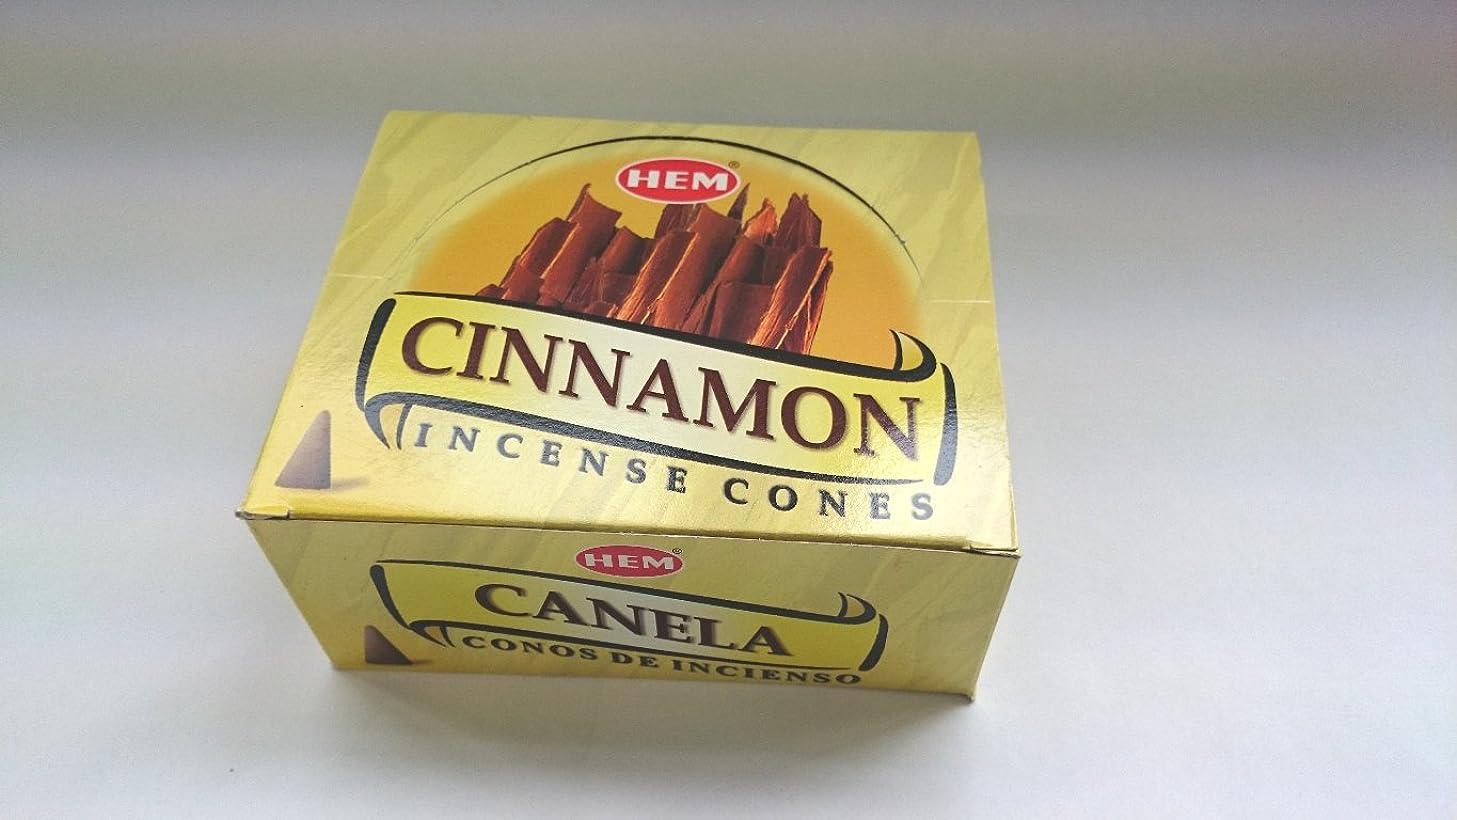 ショップかんたん消えるHEM(ヘム)お香 シナモン コーンタイプ 1ケース(10粒入り1箱×12箱)